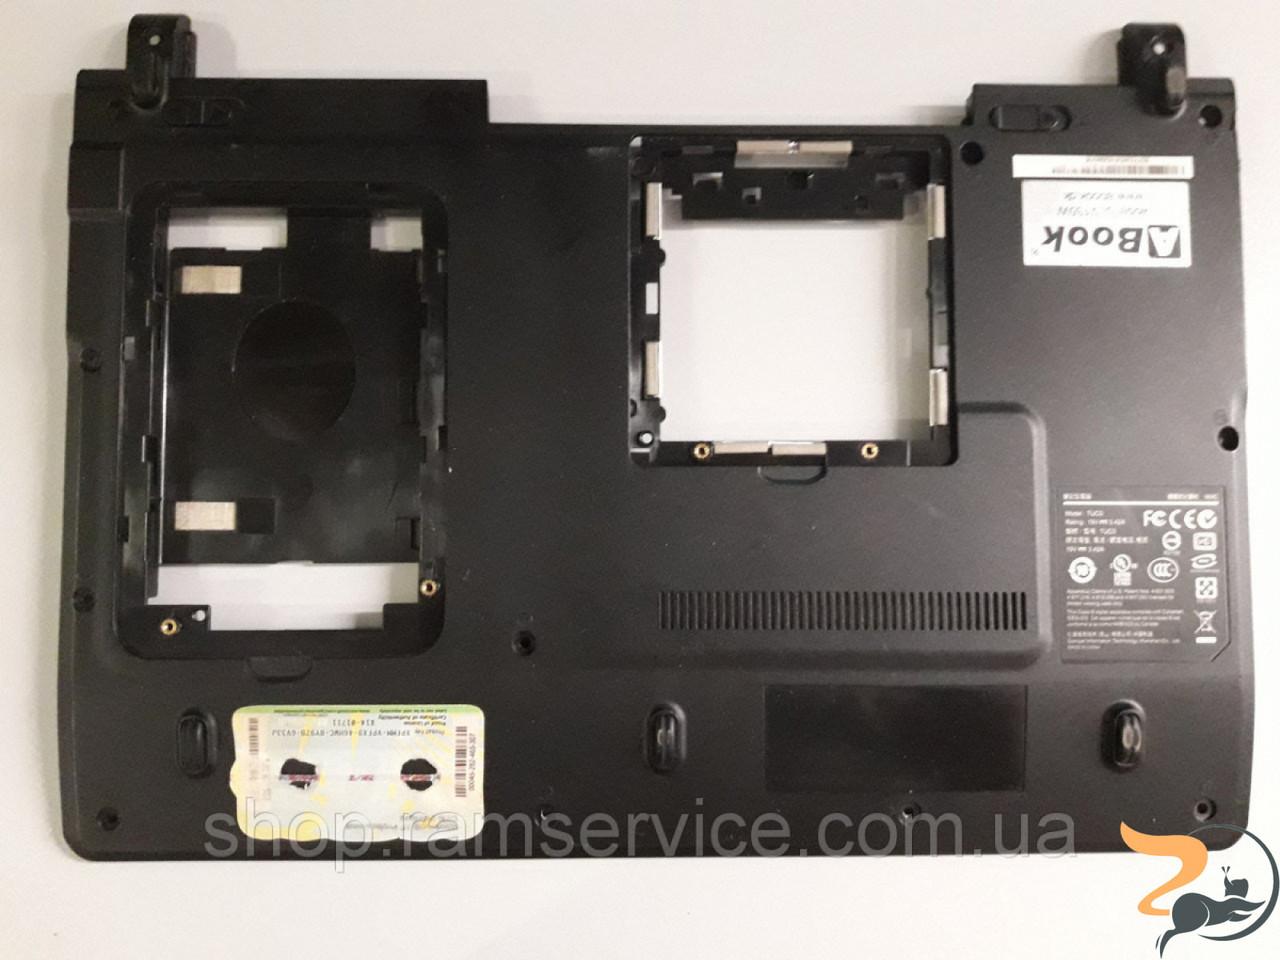 Нижня частина корпусу для ноутбука ABook ULV135W, б/в